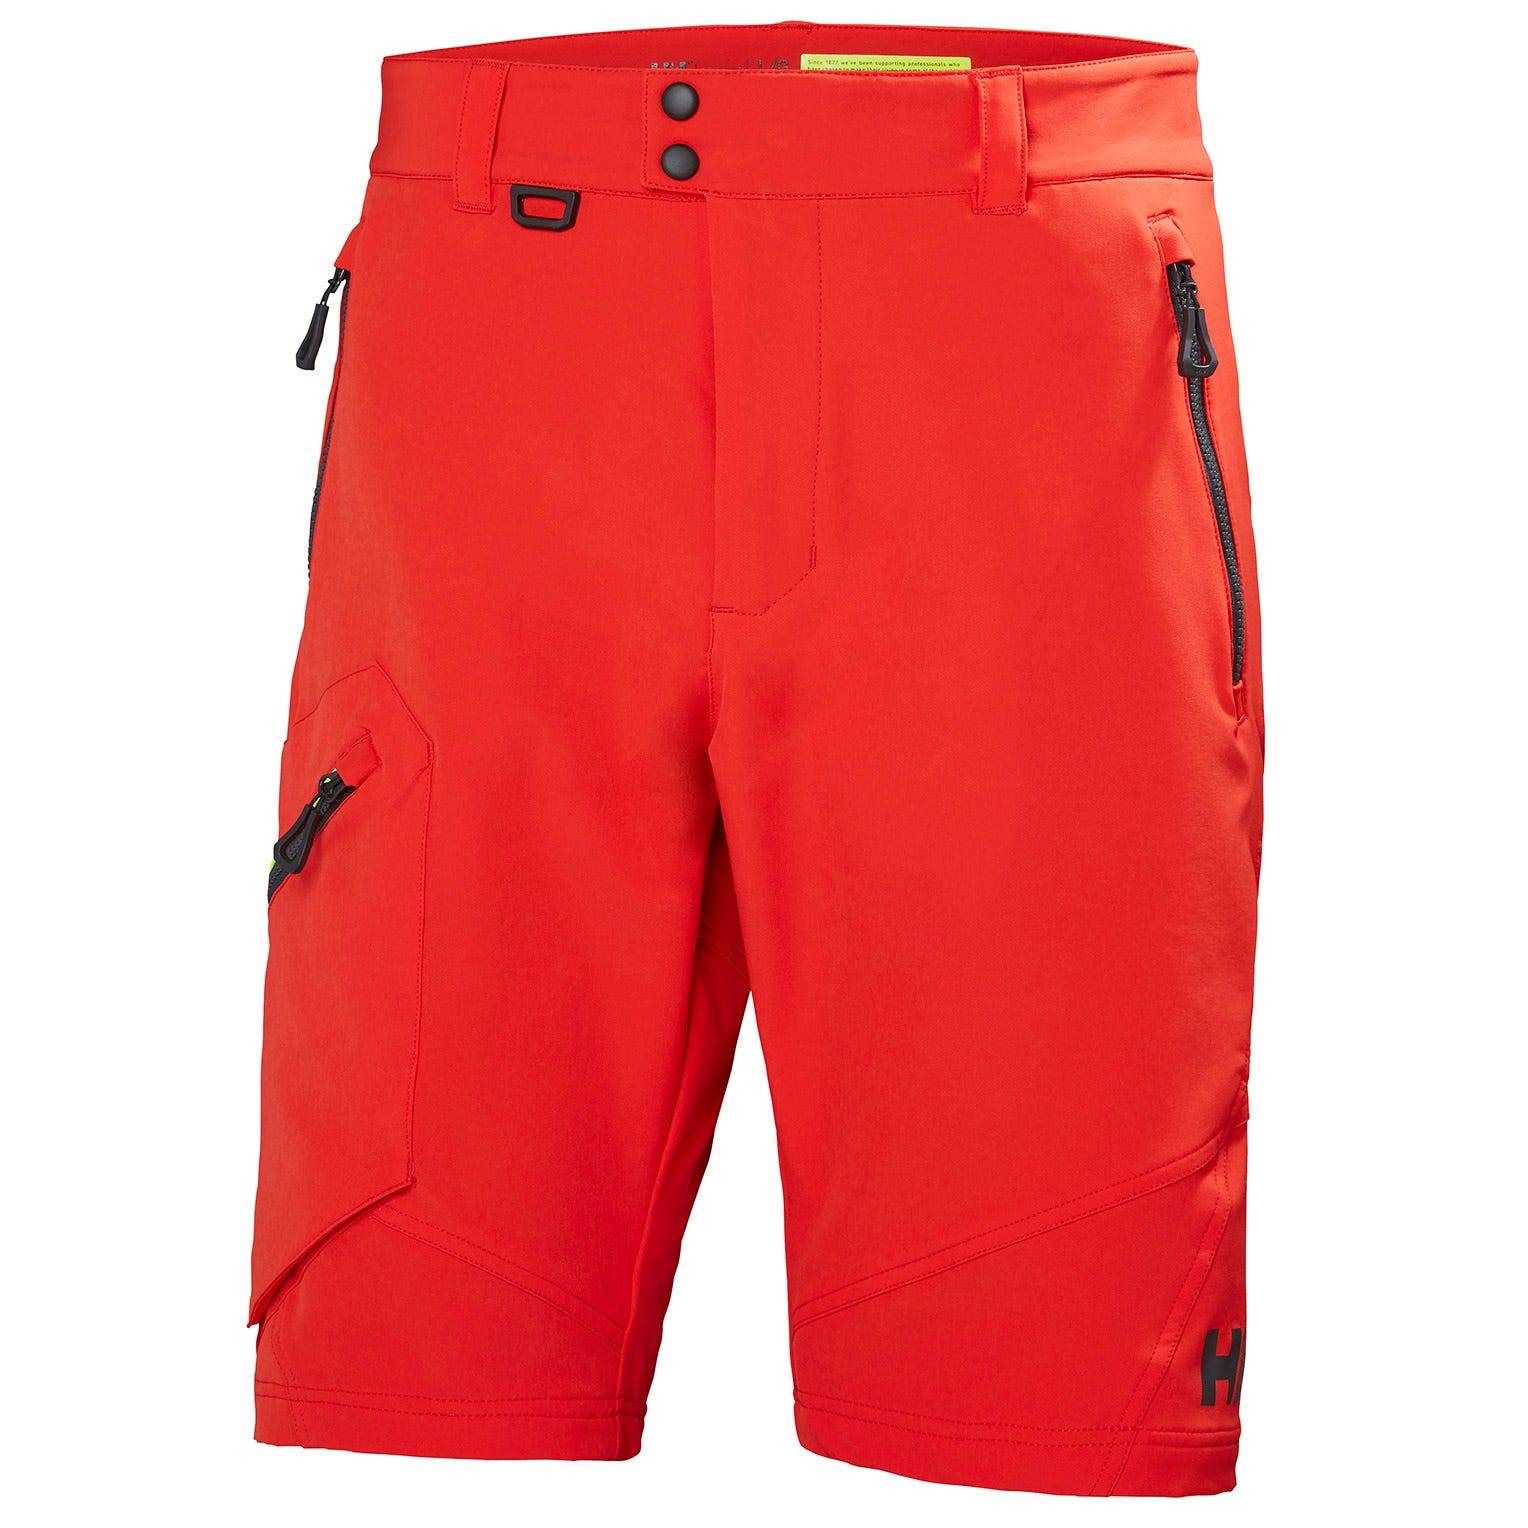 Helly Hansen Hp Softshell Shorts Mens Sailing Pant Red XL